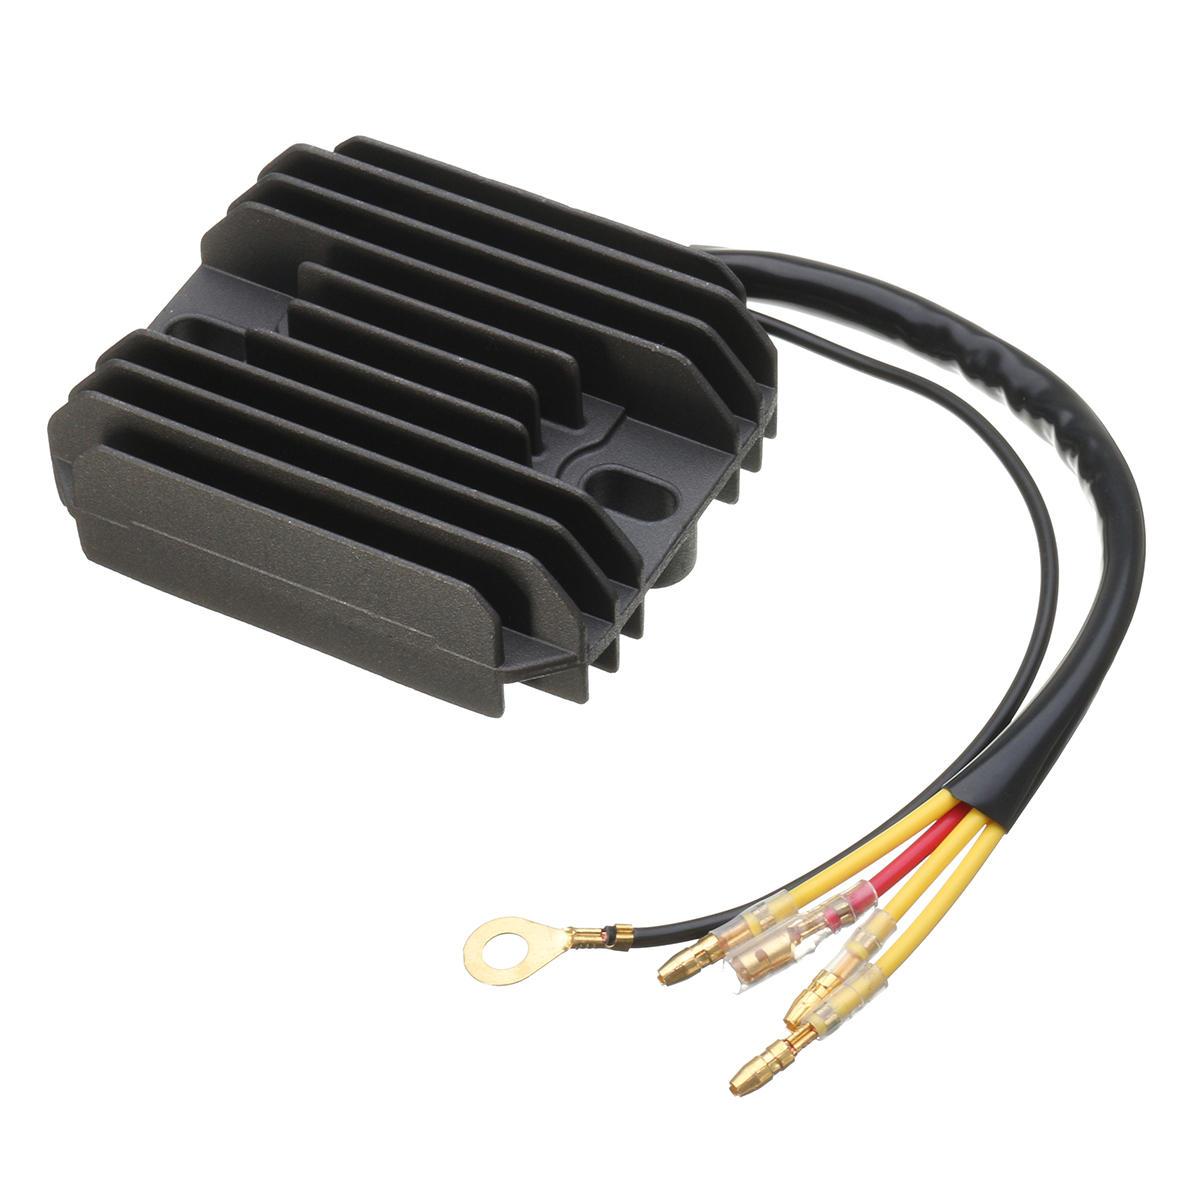 hight resolution of voltage regulator rectifier for suzuki gs250 gs550 gs750e gs850 gs1100e gsx1100 cod